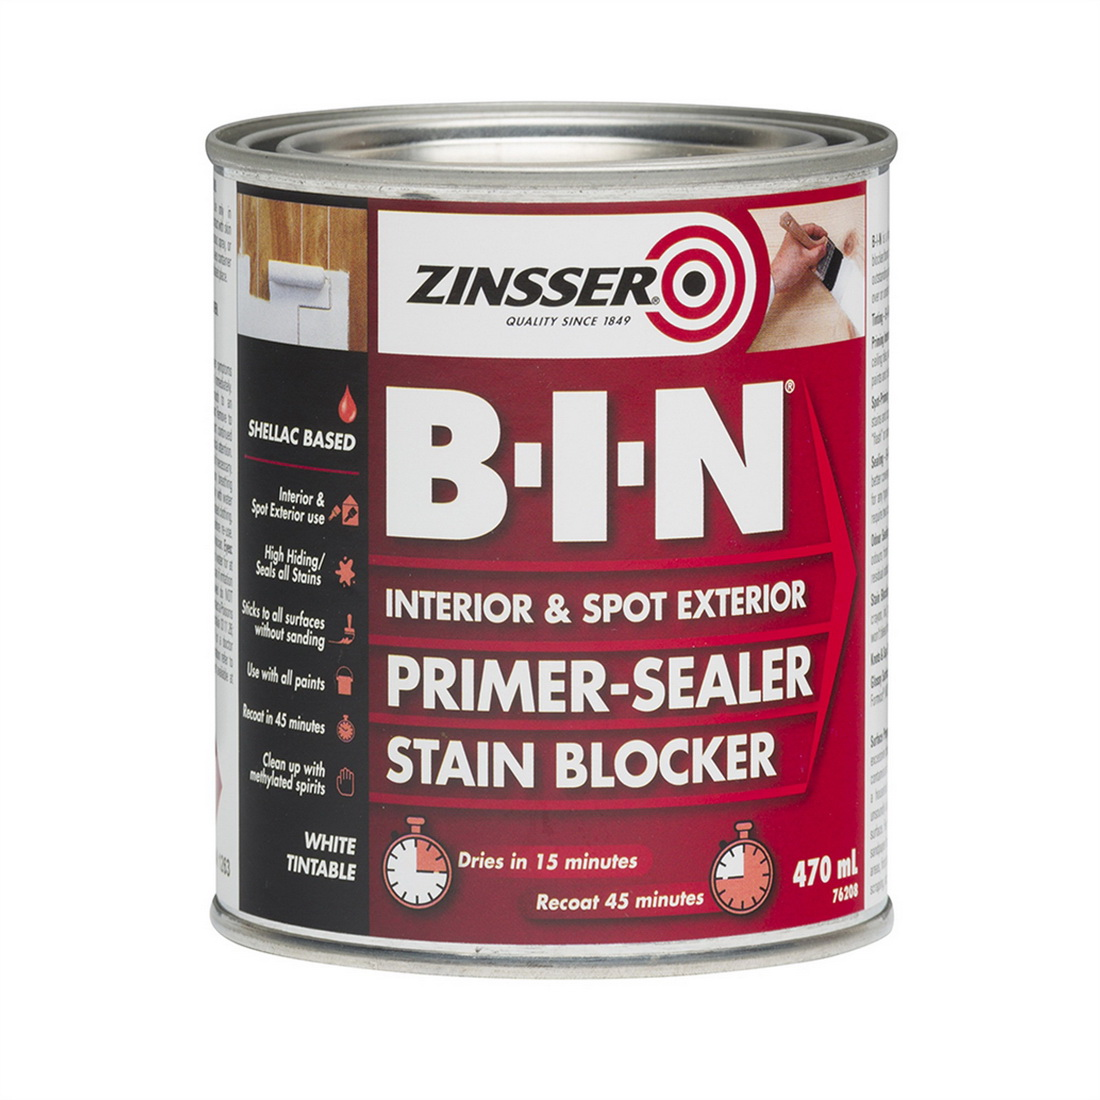 Zinsser B-I-N 470mL Primer Sealer White